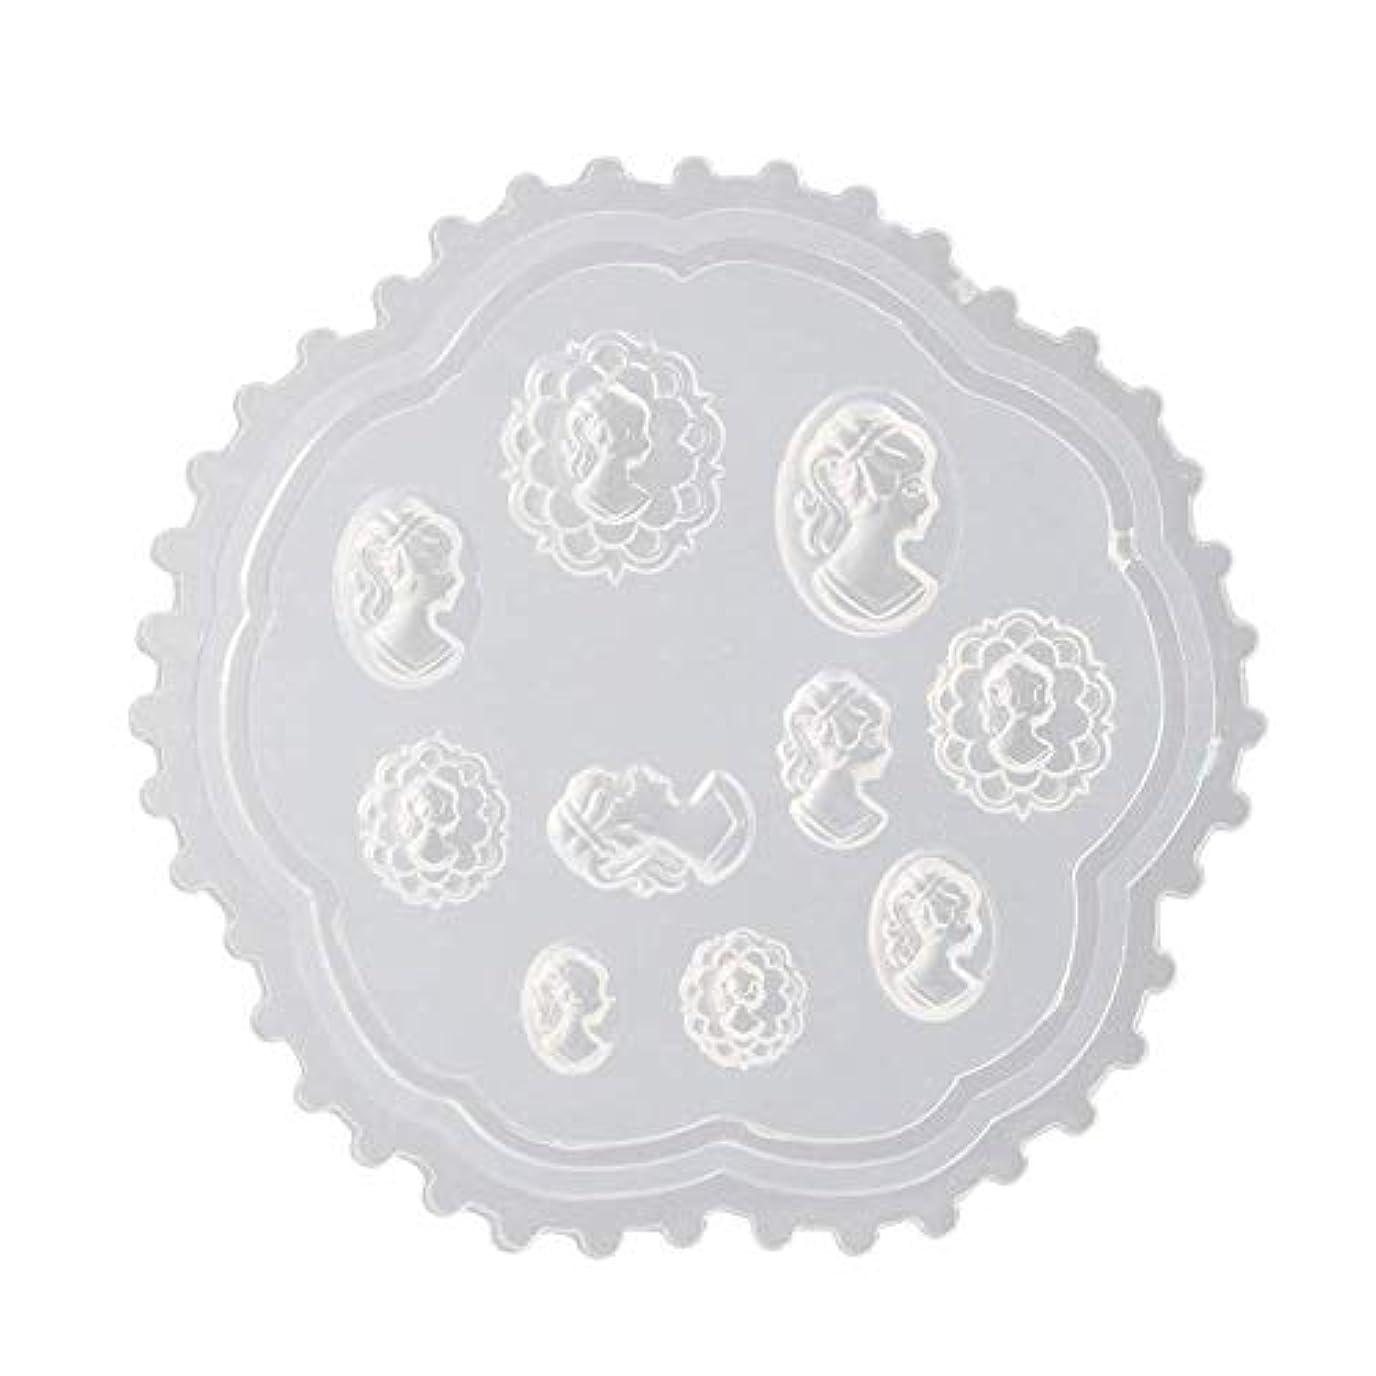 敬抽象漁師gundoop 3Dシリコンモールド ネイル 葉 花 抜き型 3Dネイル用 レジンモールド UVレジン ネイルパーツ ジェル ネイル セット アクセサリー パーツ 作成 (2)